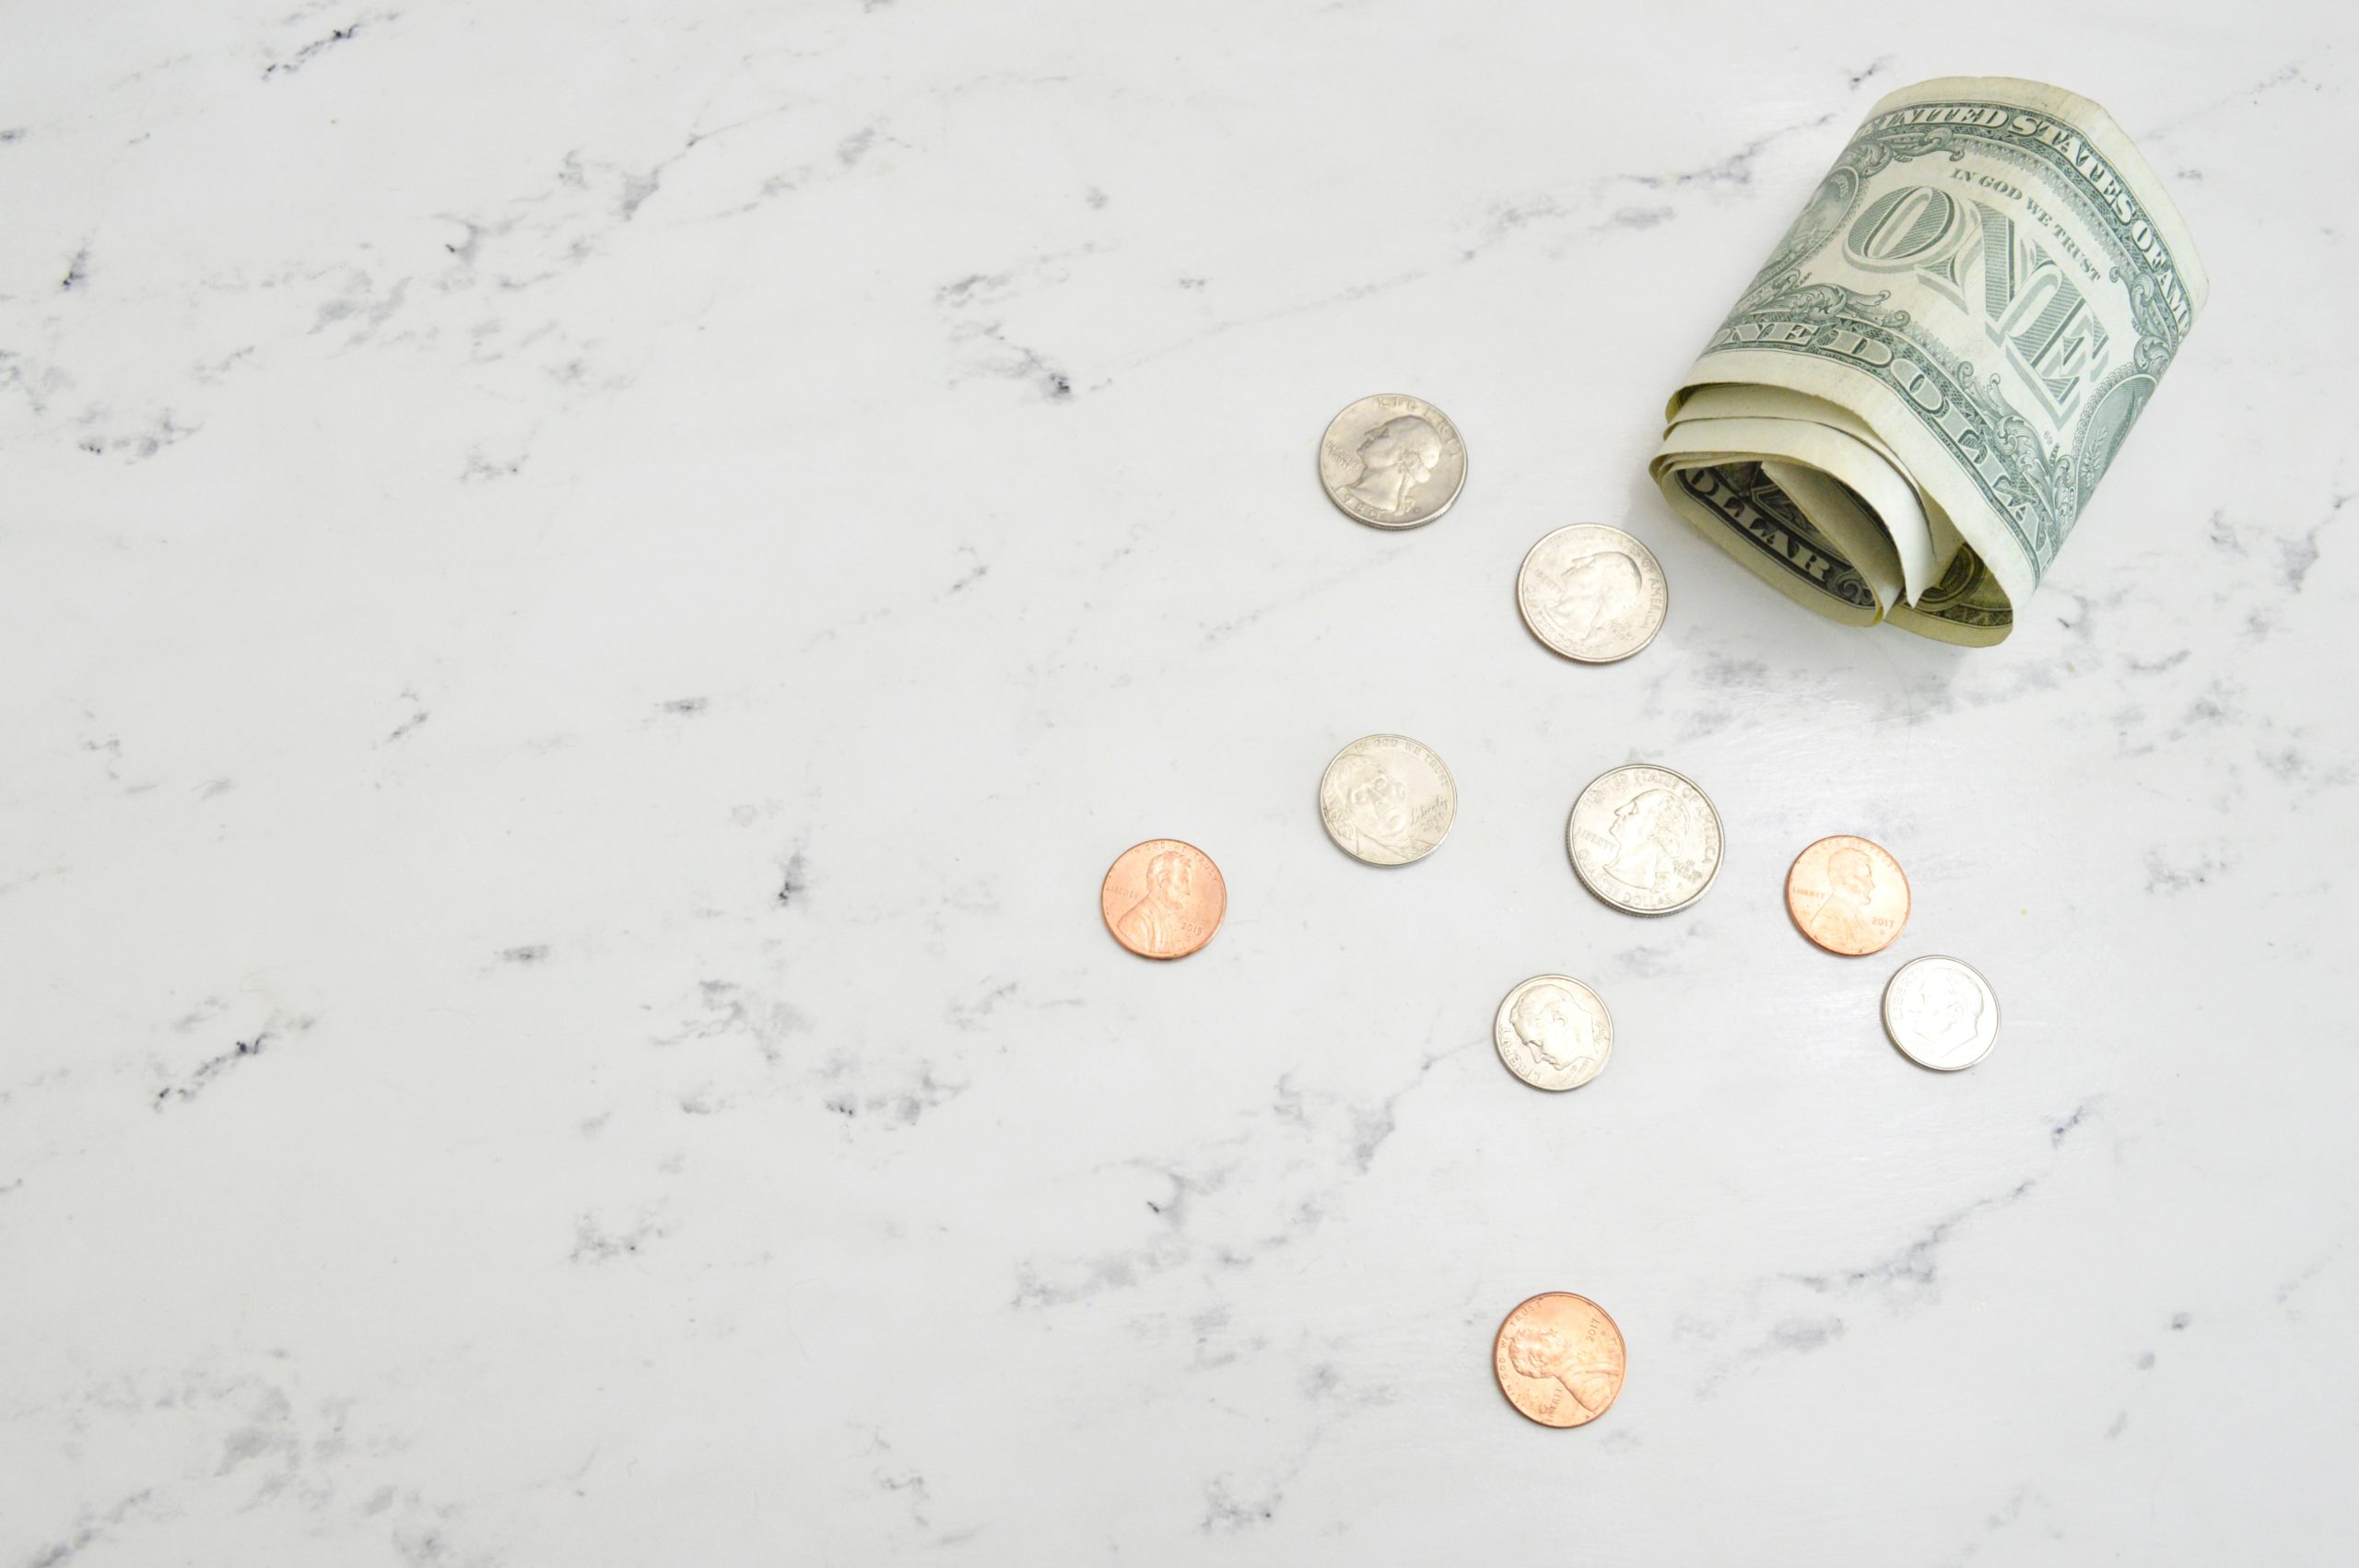 デメリット②:チャンネルごとに料金がバラバラ